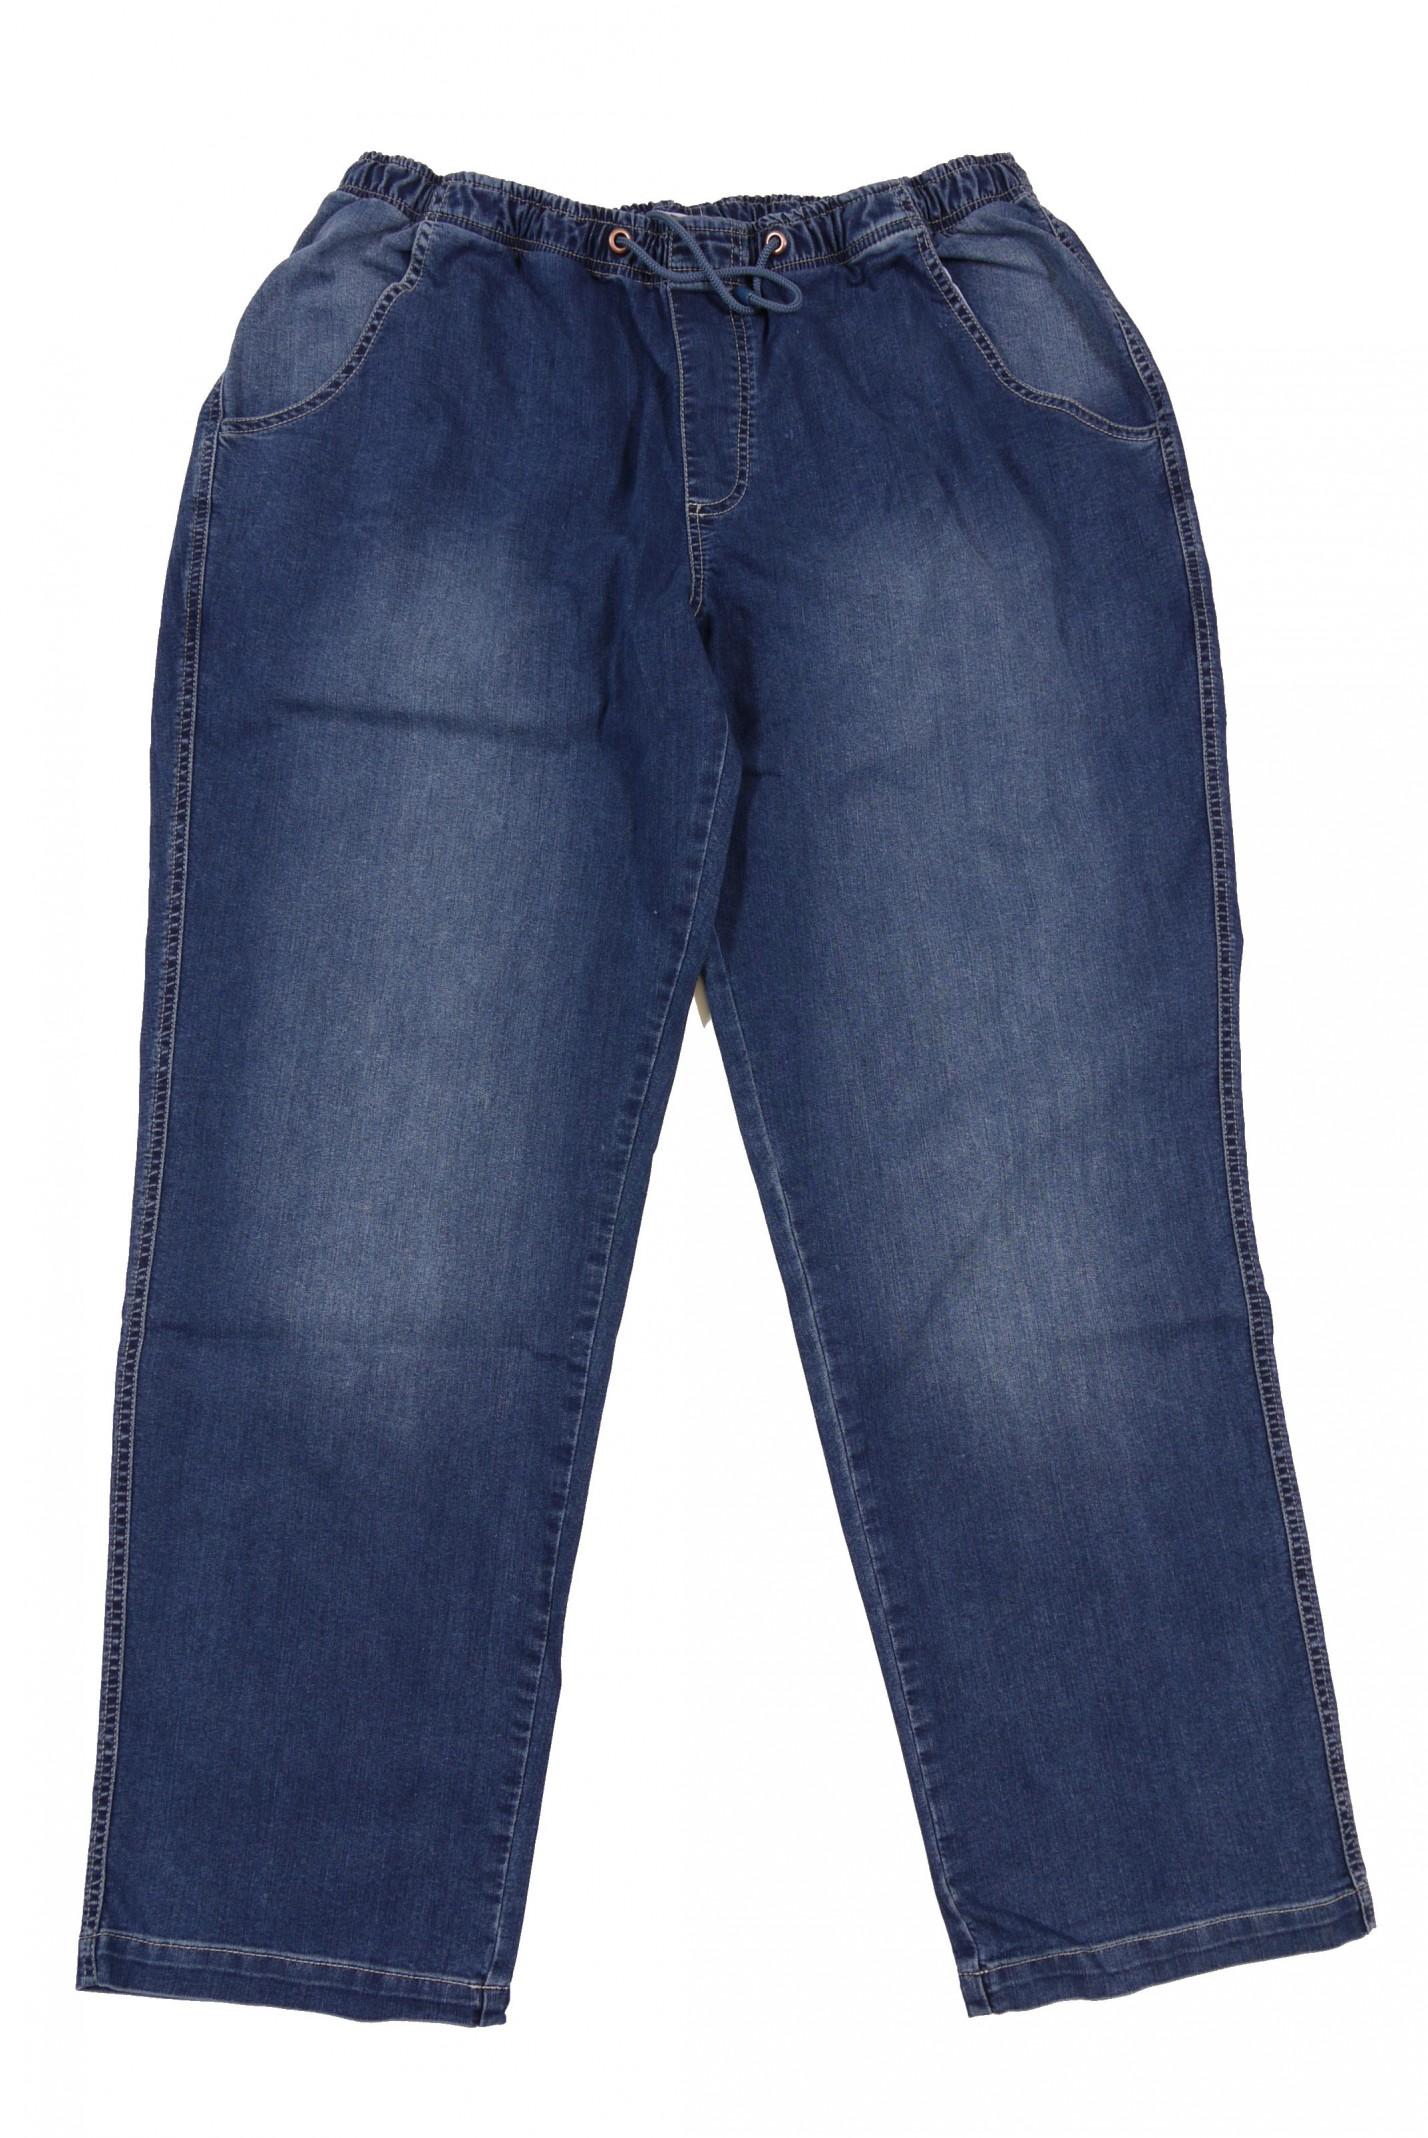 jogging jeans von abraxas mit gummibund in bergr e bis. Black Bedroom Furniture Sets. Home Design Ideas